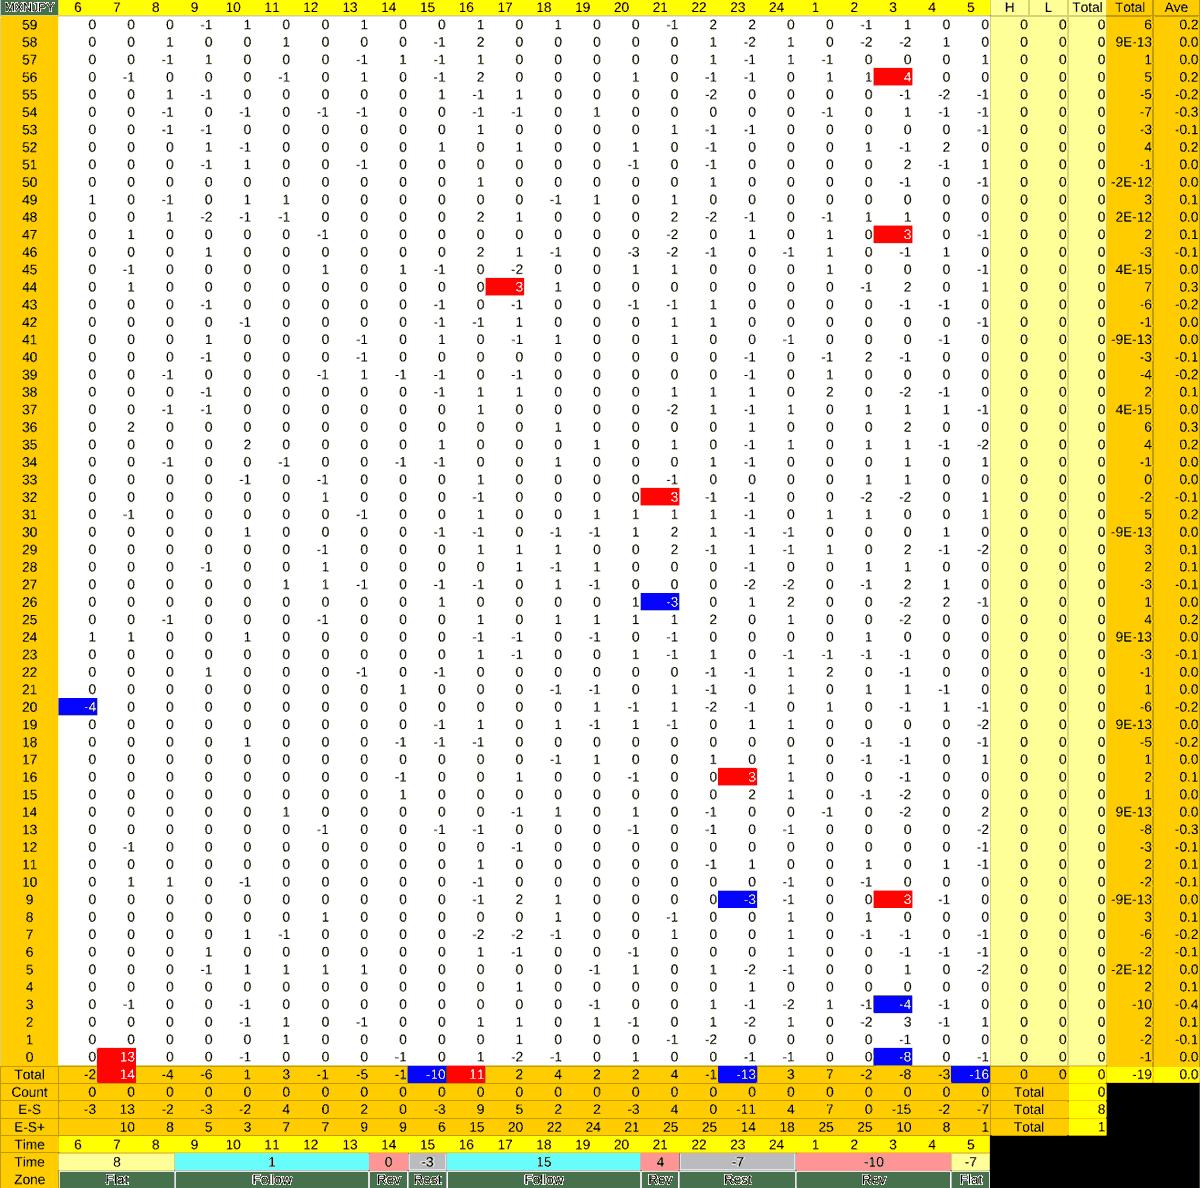 20210812_HS(3)MXNJPY-min